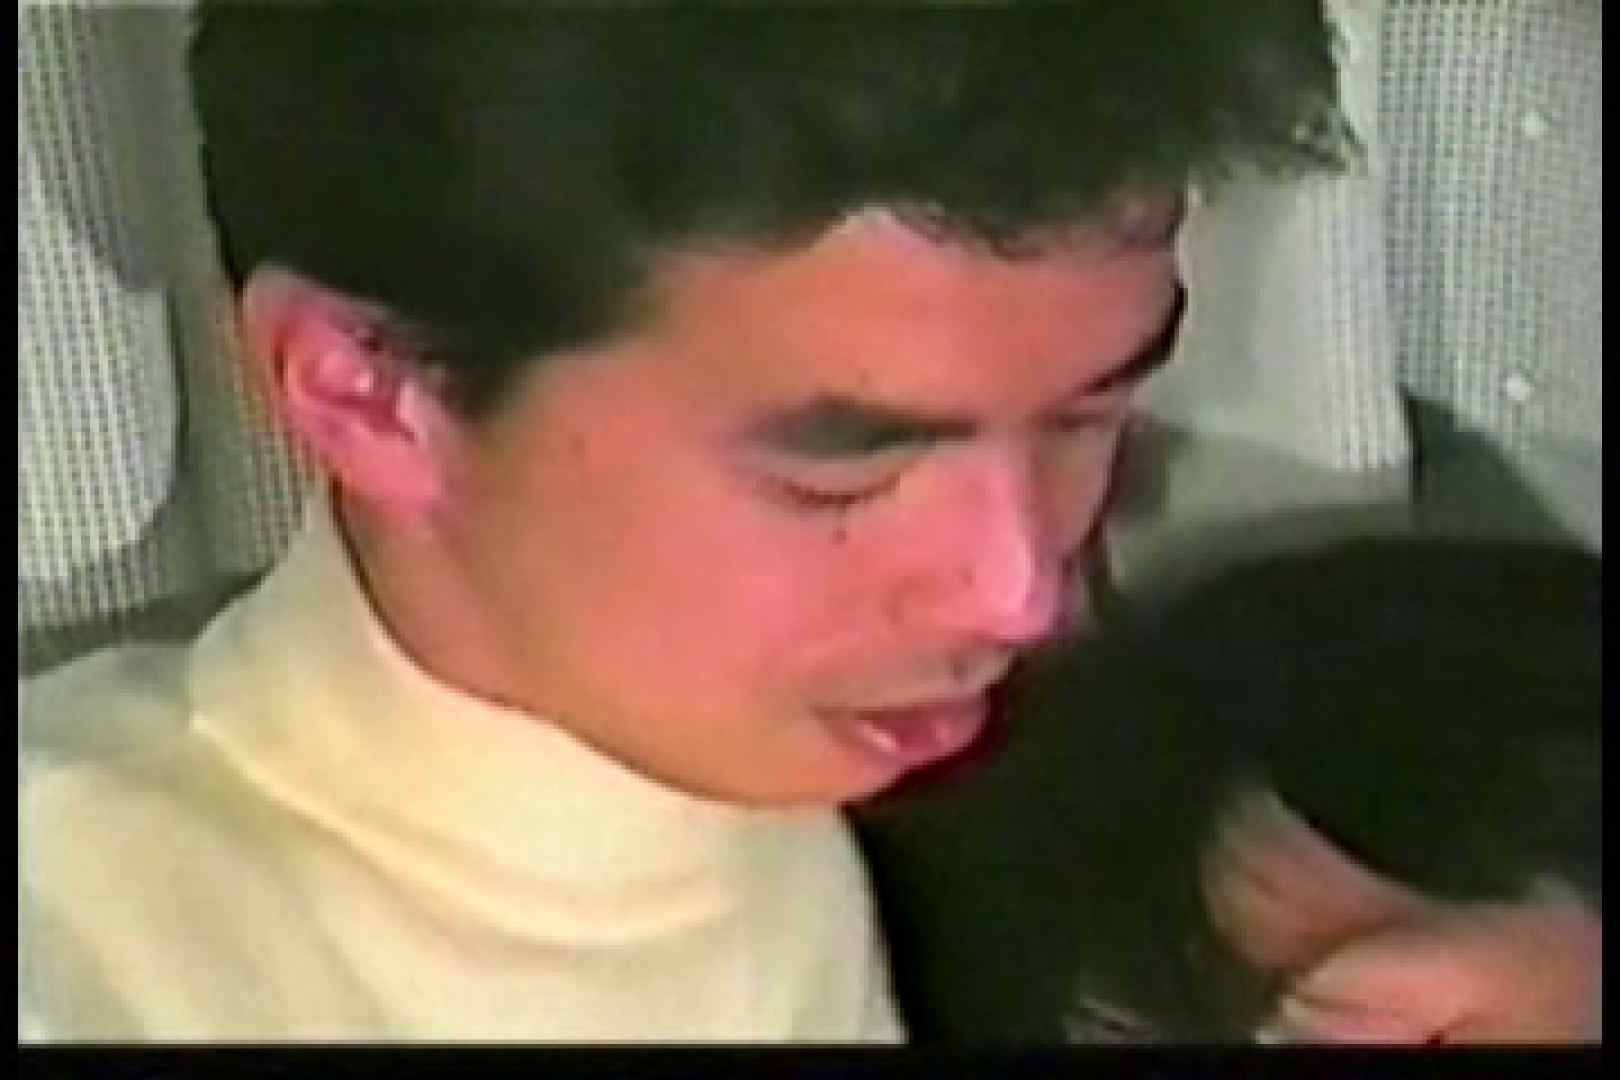 【流出投稿】若きあの頃の思ひでSEX! キスするメンズ ゲイSEX画像 94画像 47